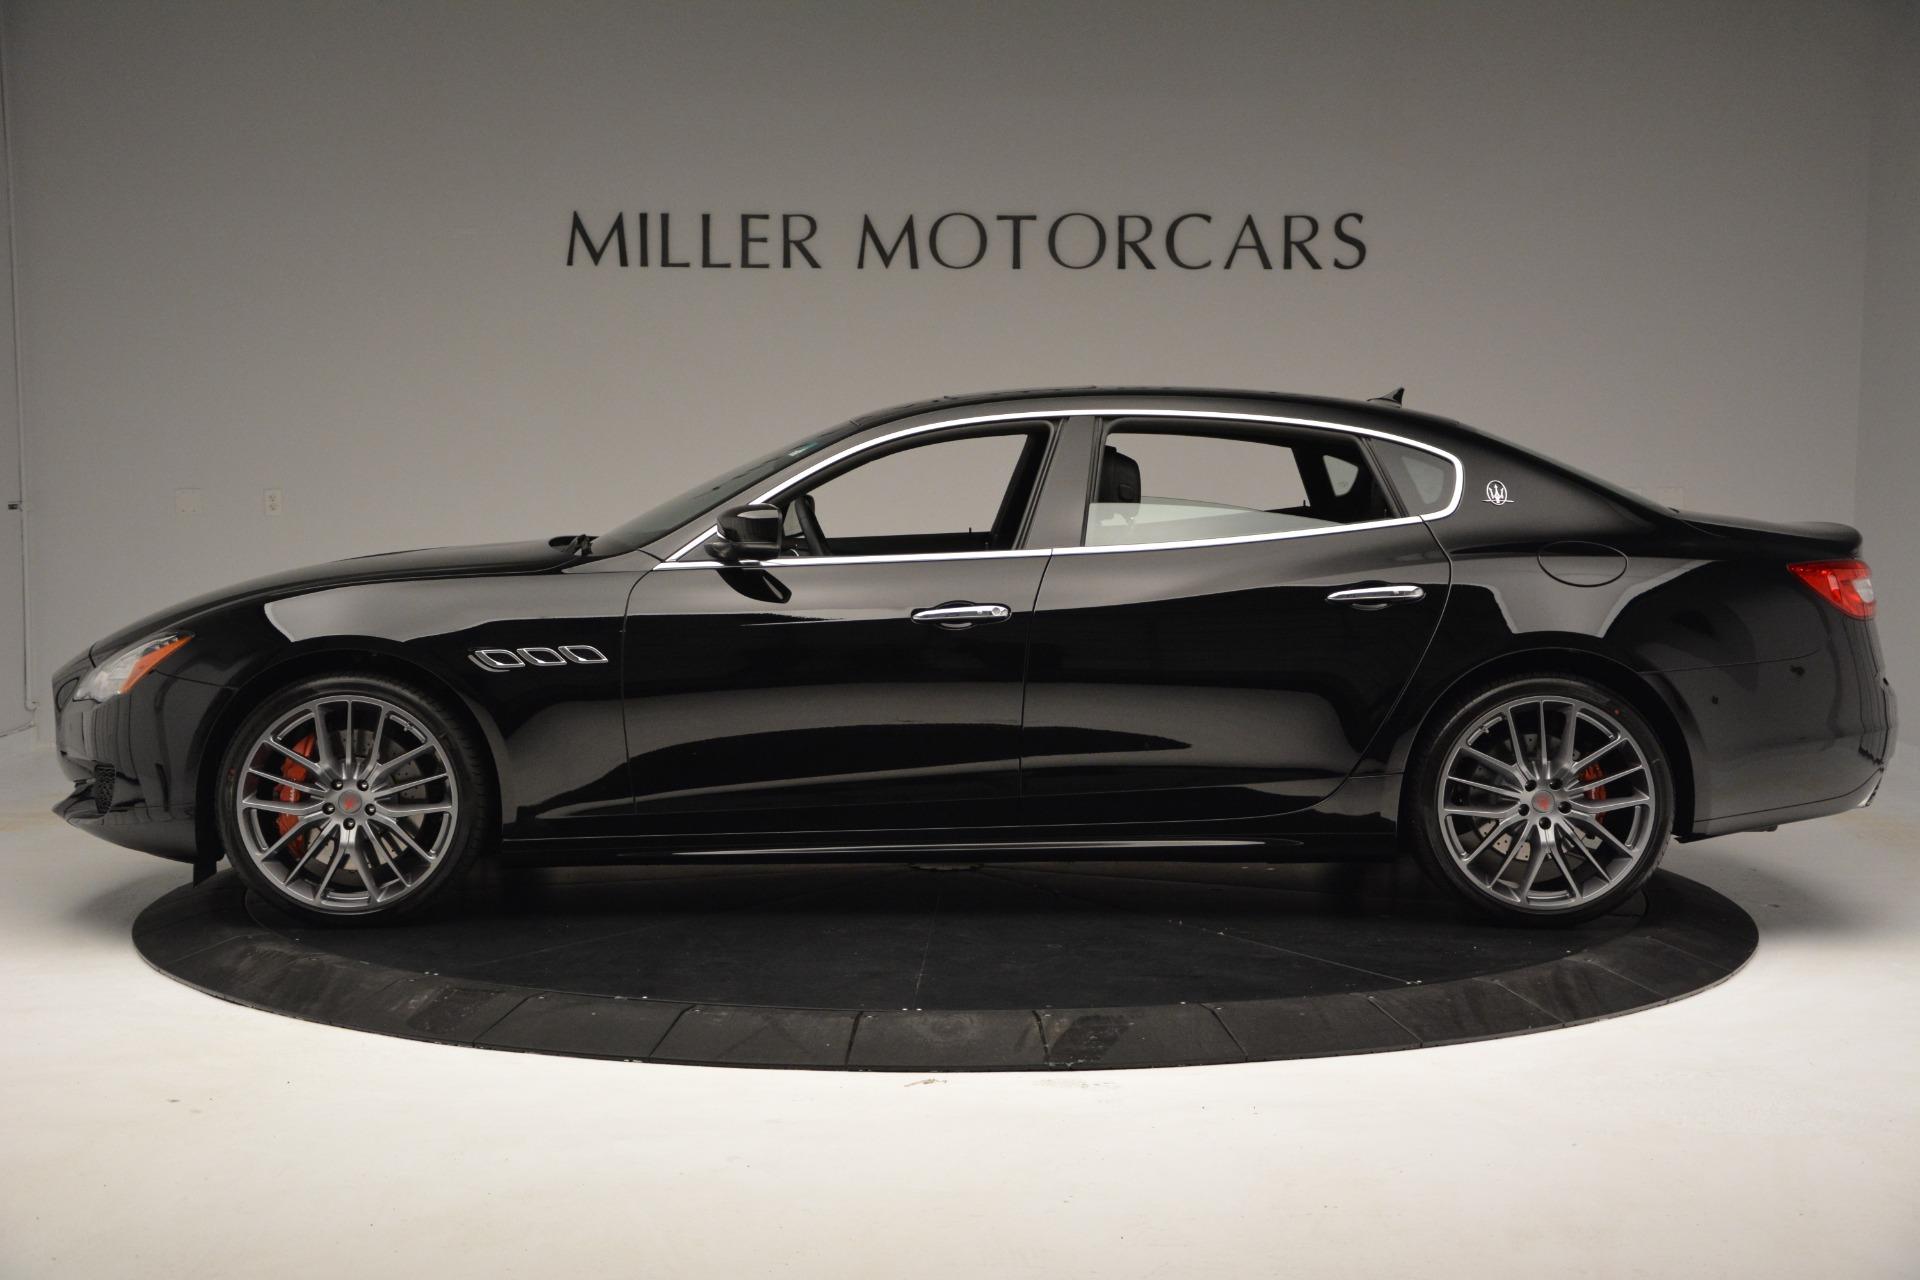 Used 2015 Maserati Quattroporte GTS For Sale In Greenwich, CT 2993_p3